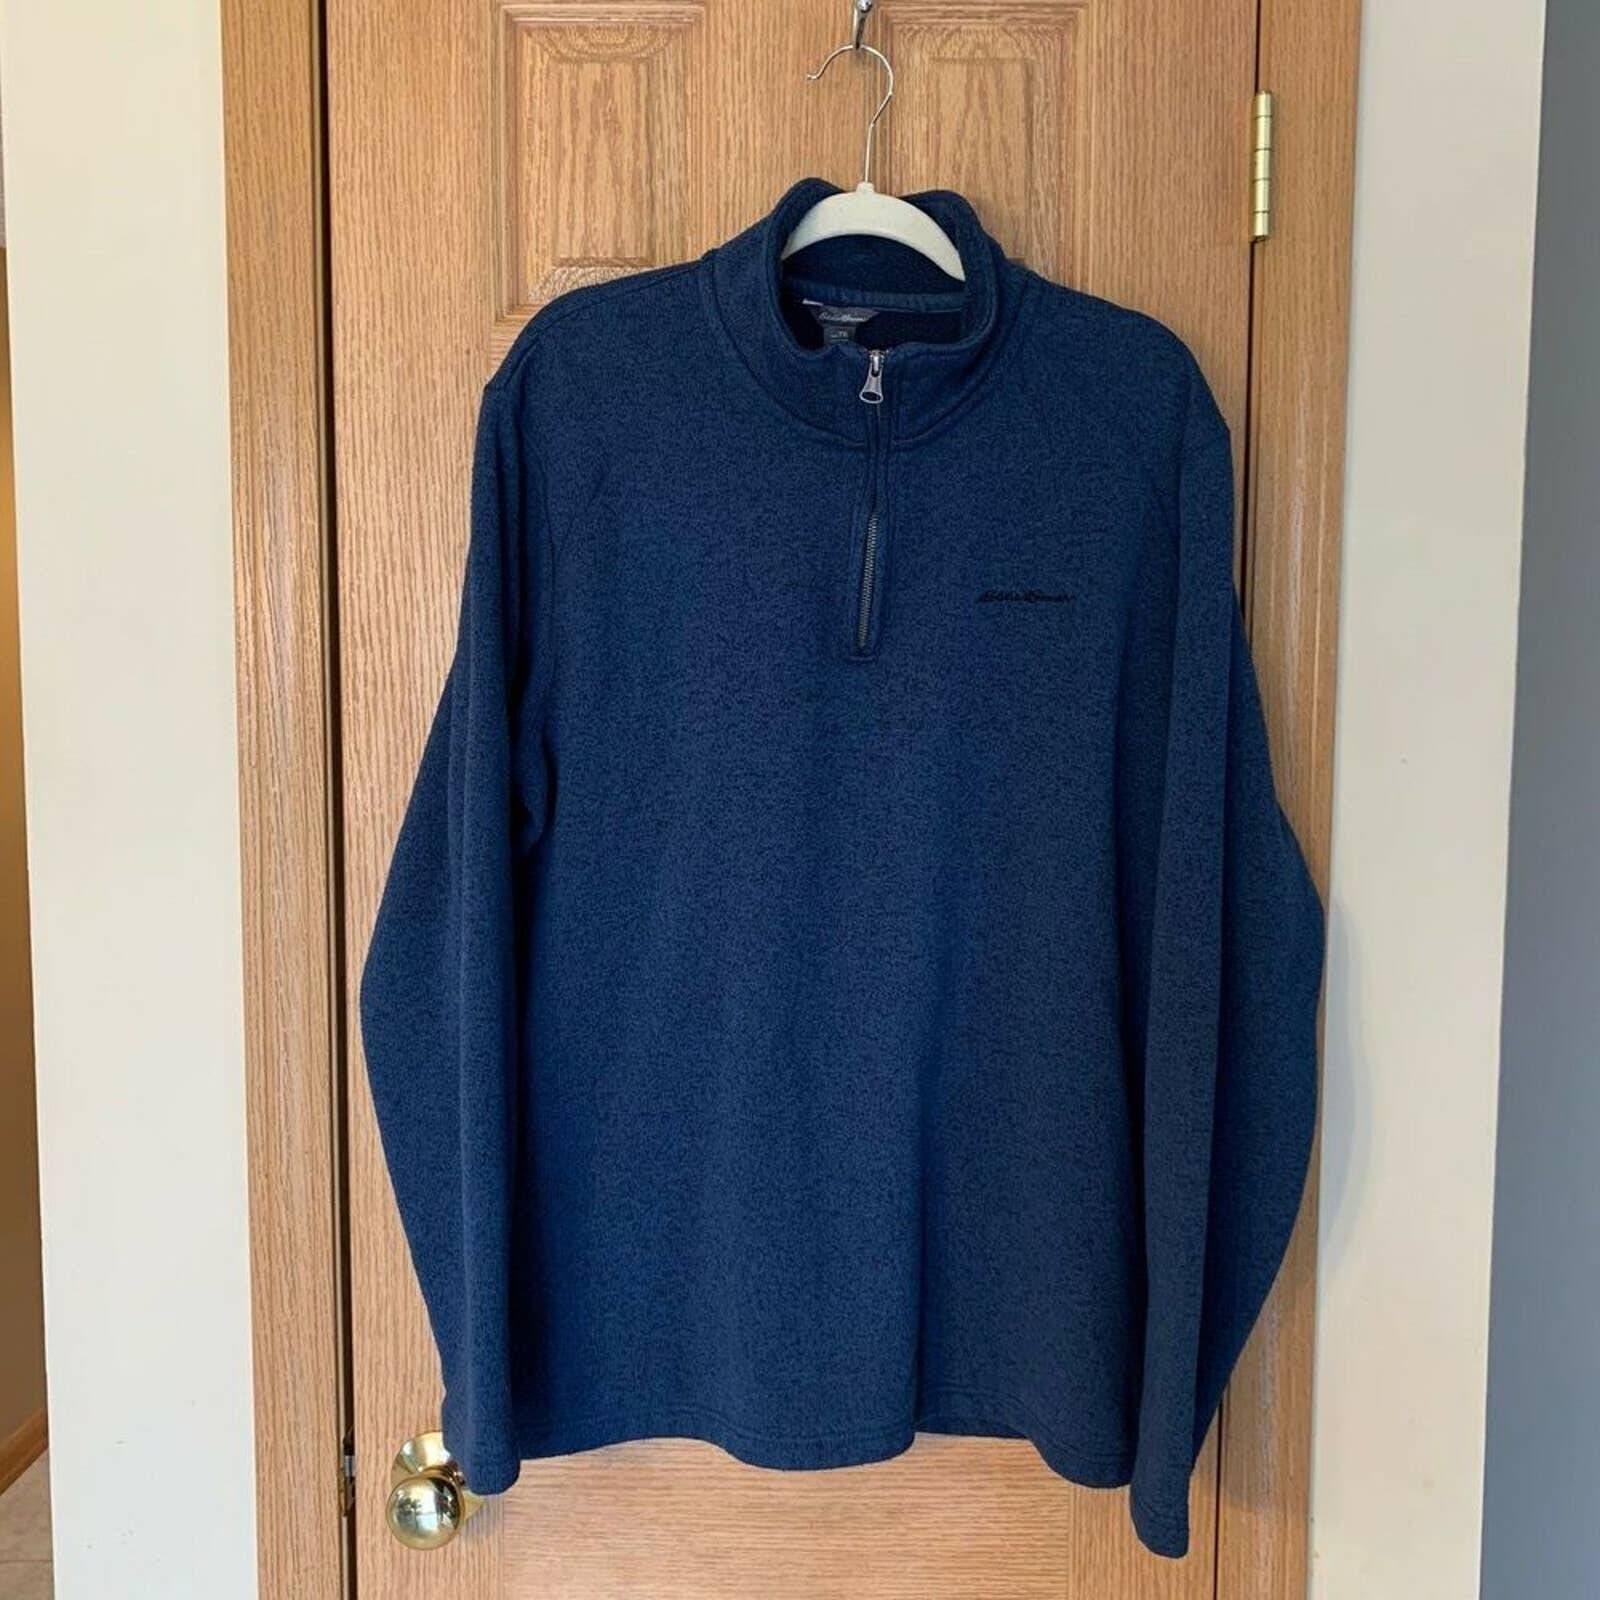 Eddie Bauer Sweatshirt Men's Tall XL